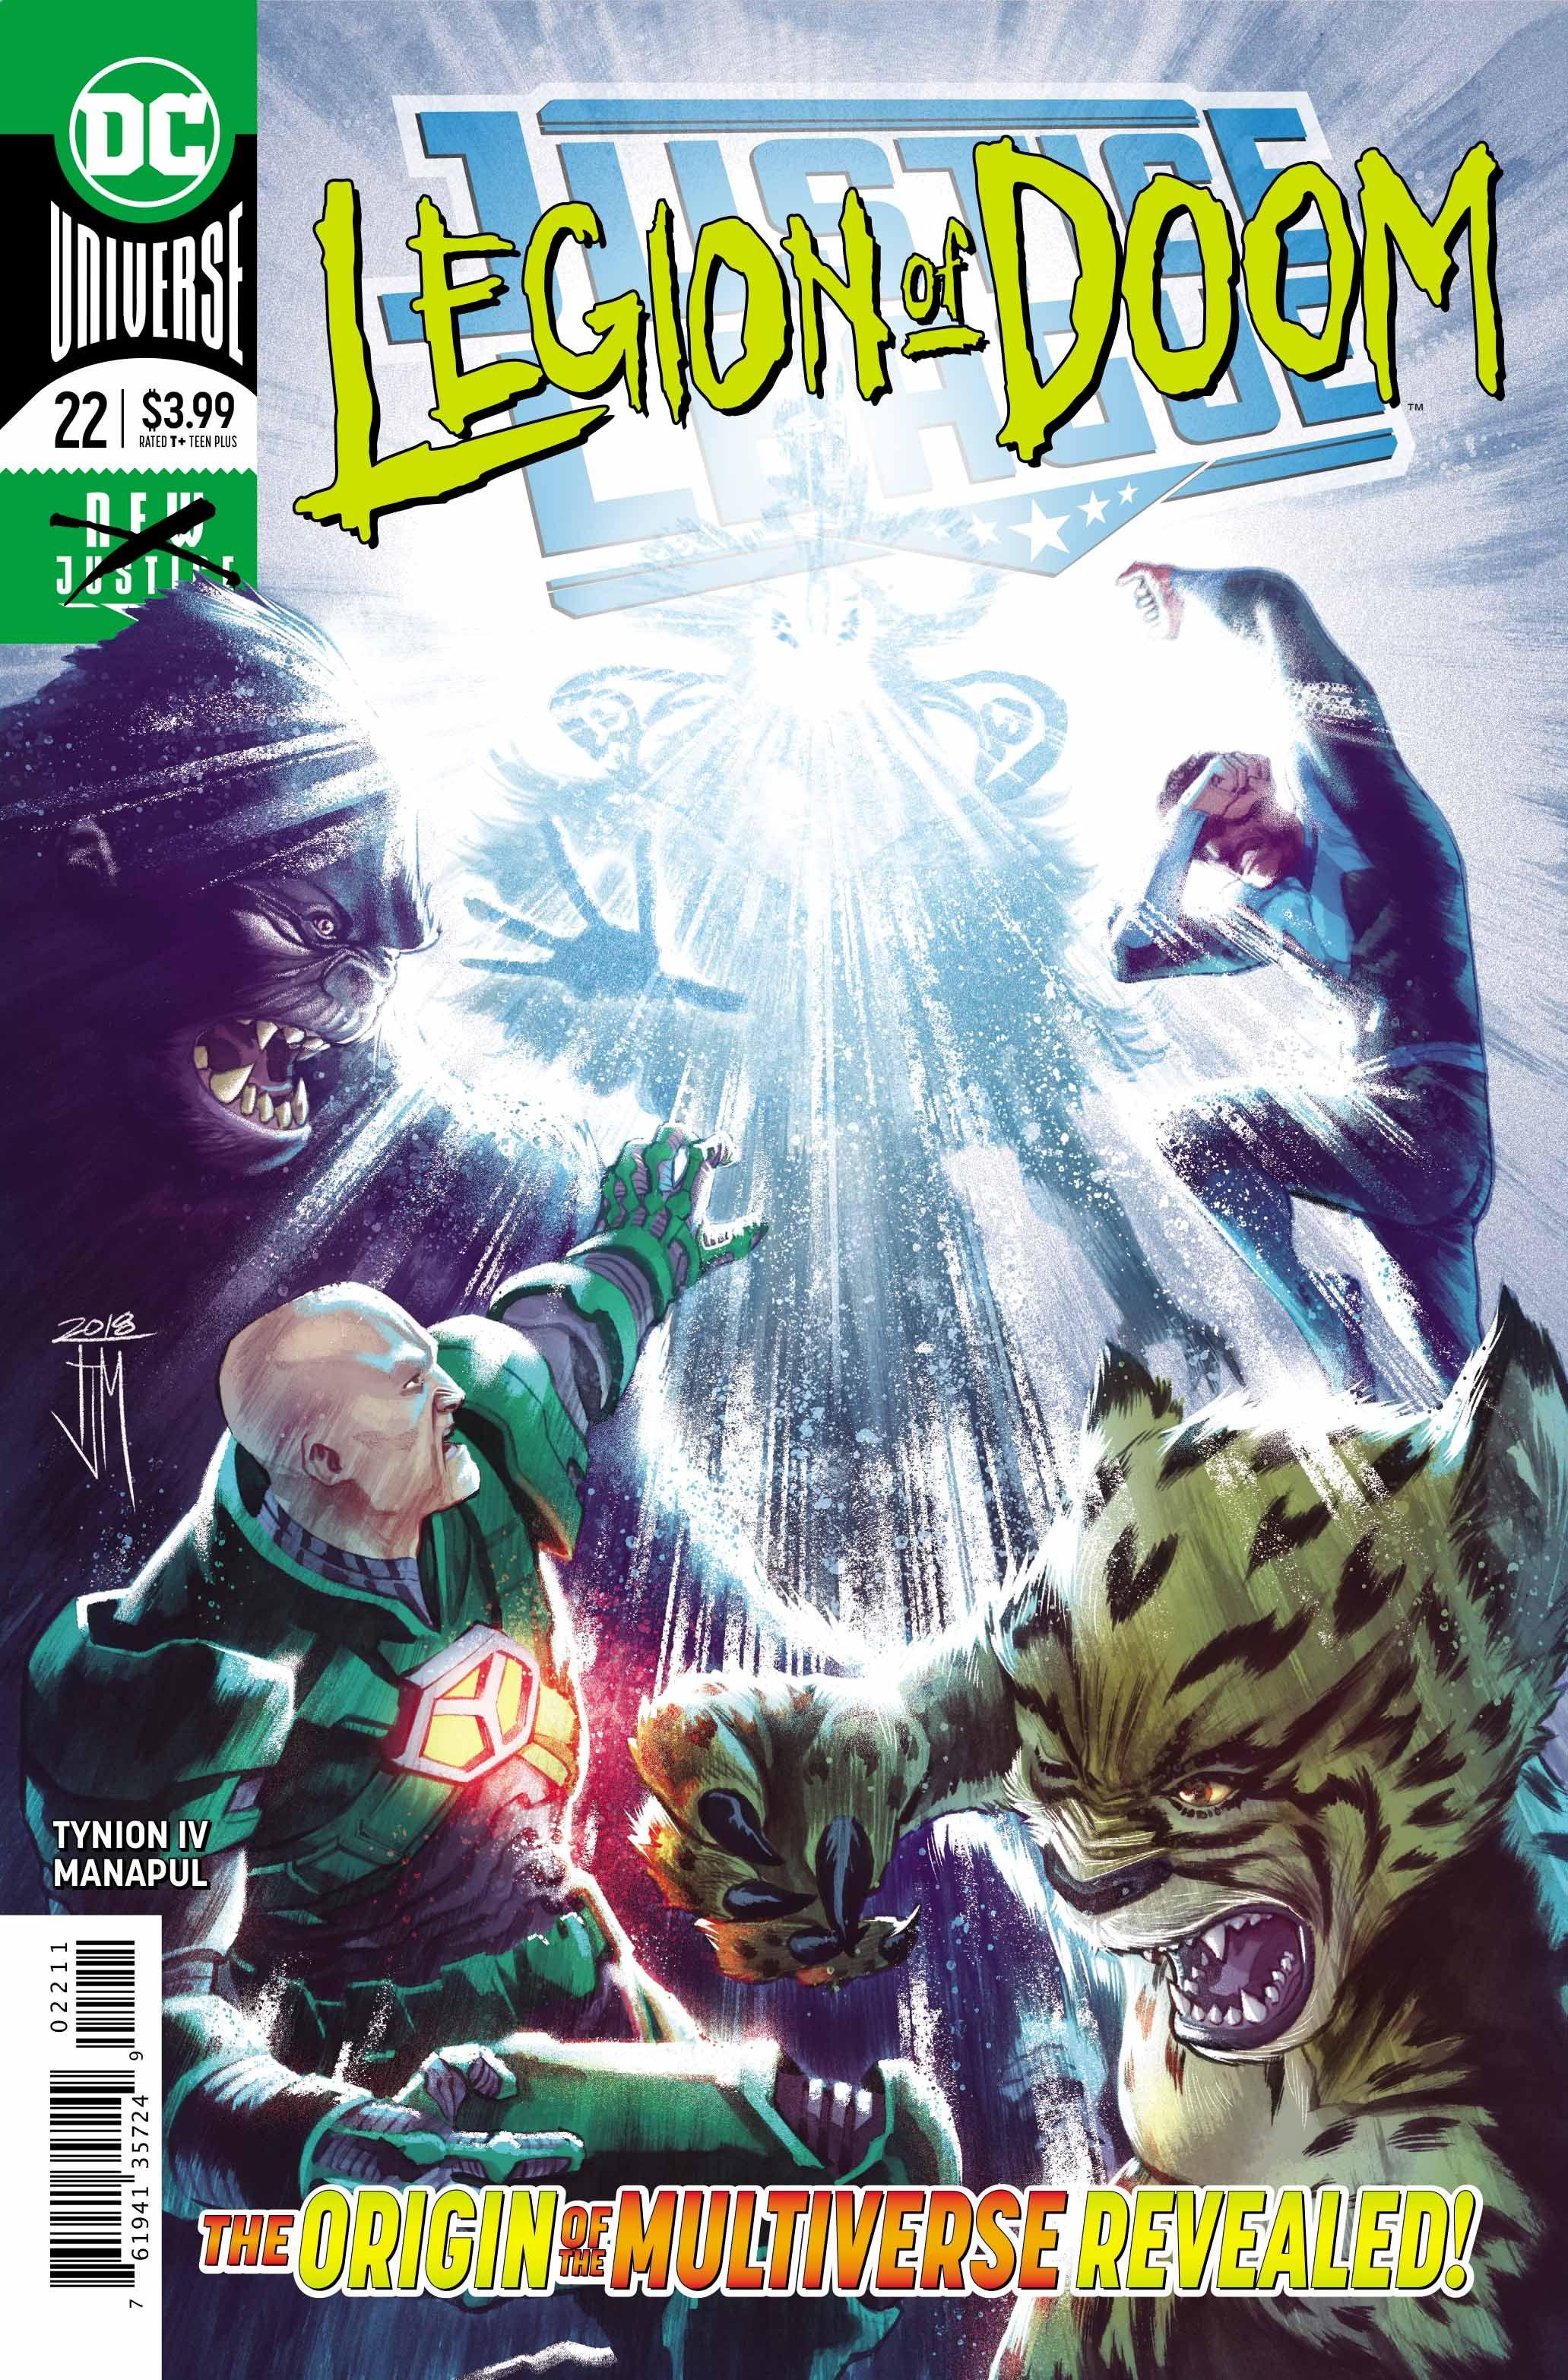 PREVIEW: Justice League #22